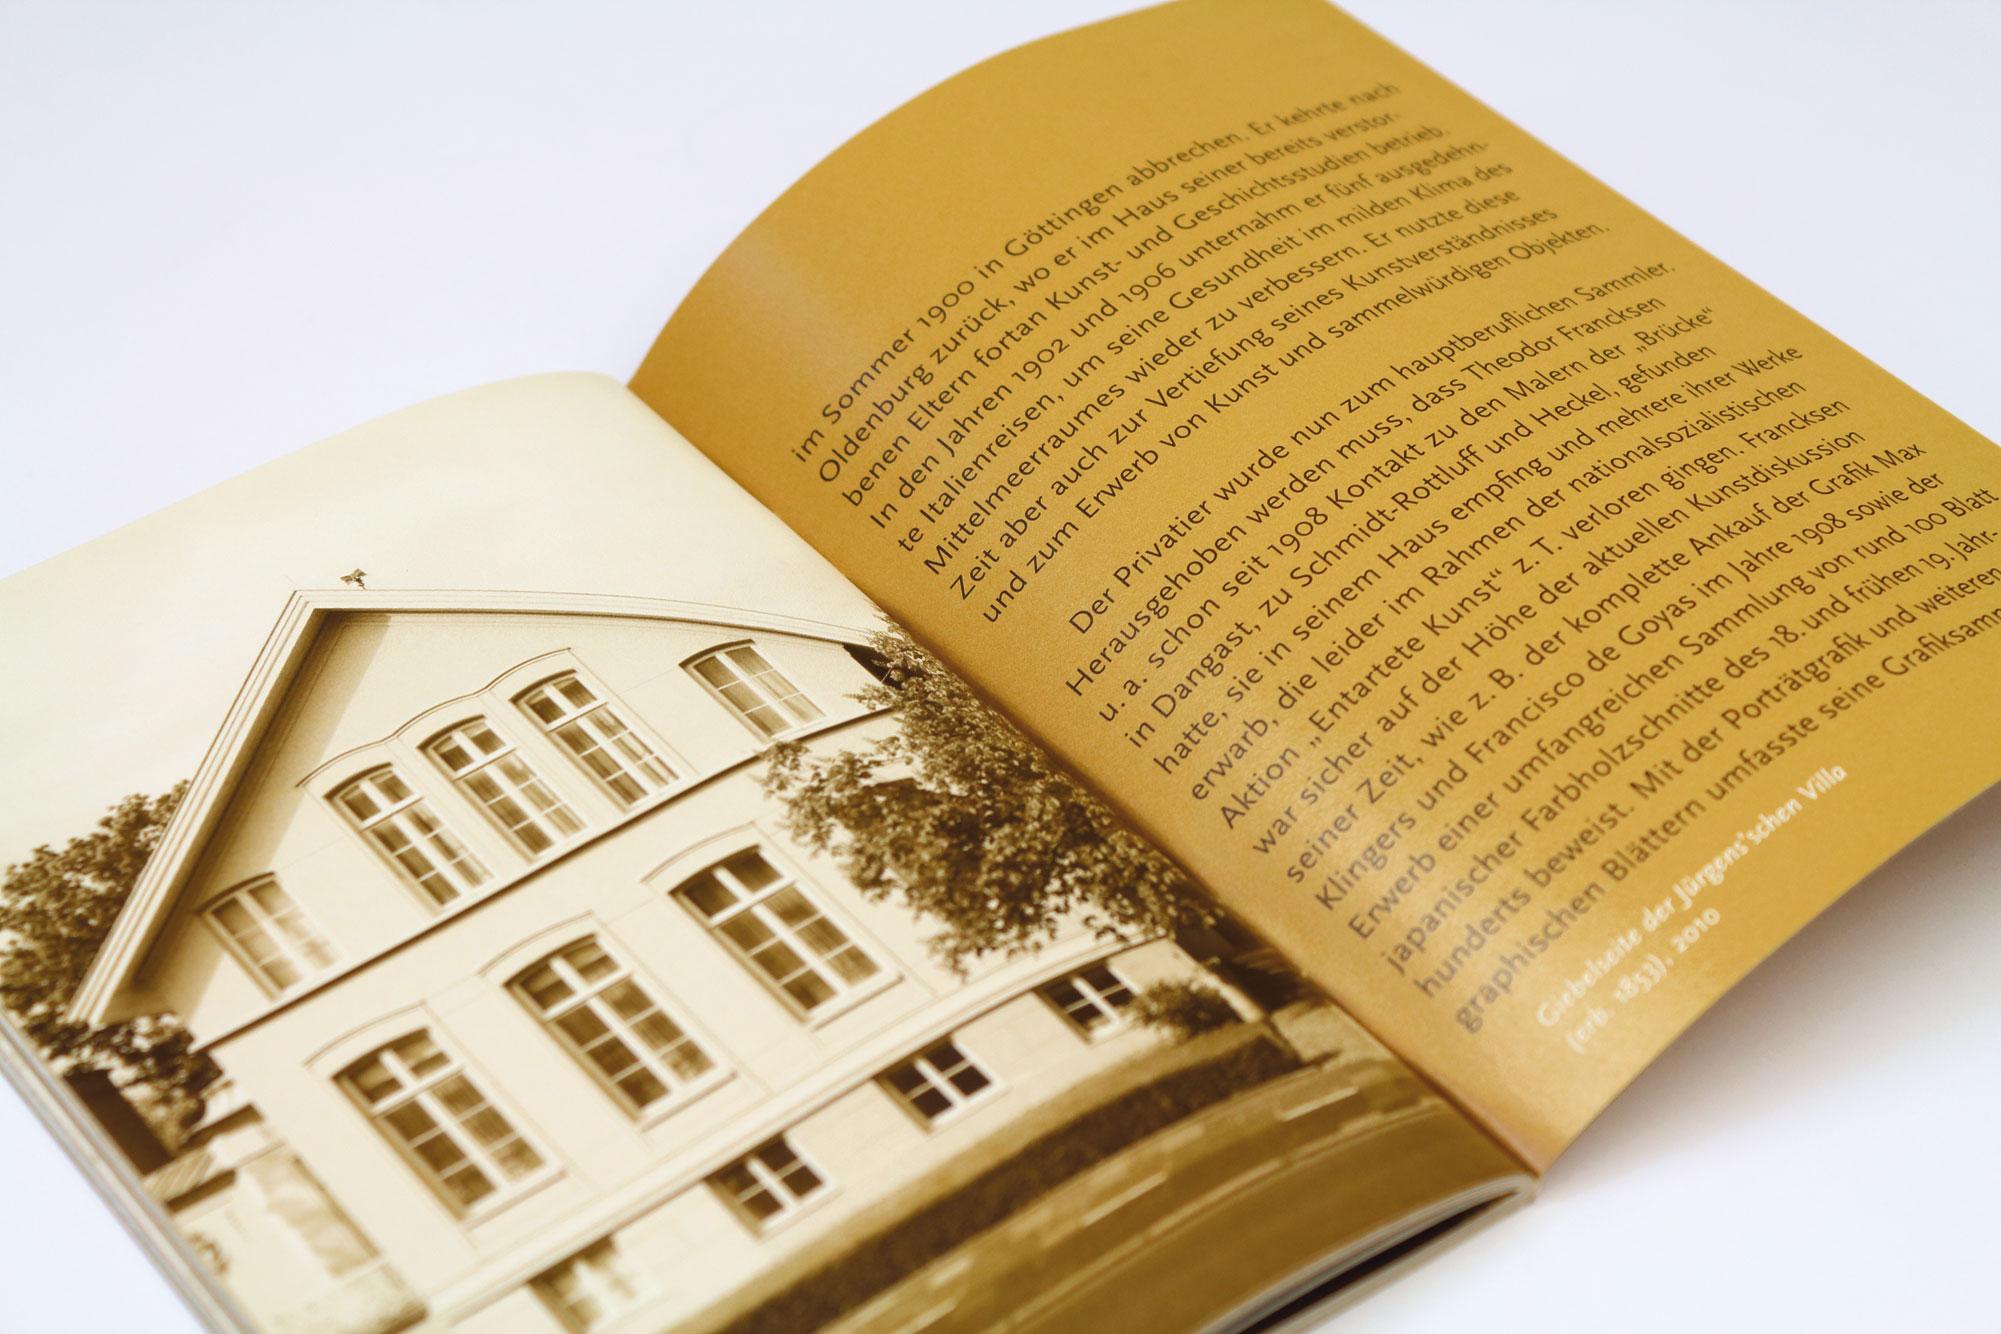 von GROTE Ausstellungsgestaltung und Design / Stadtmuseum Oldenburg – Kurzführer